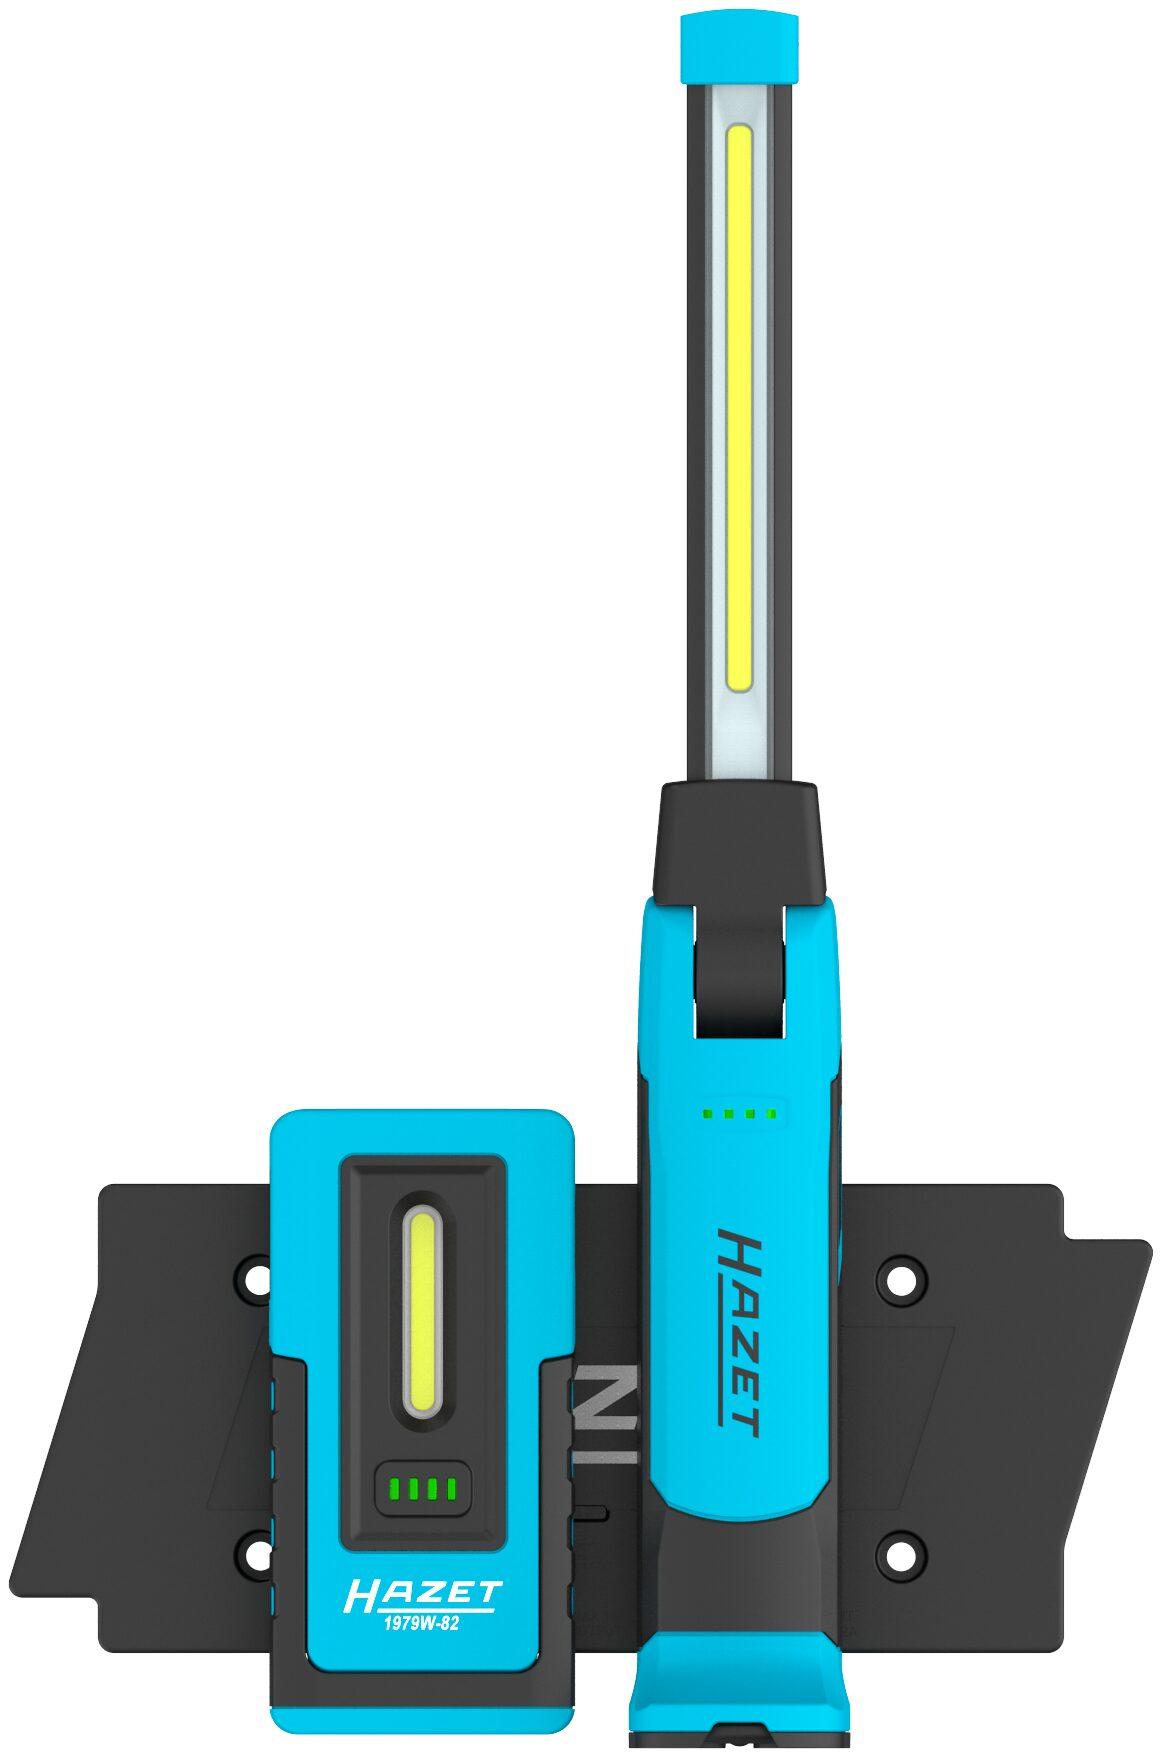 HAZET LED Lampen Satz ∙ wireless charging 1979W1/3 ∙ Anzahl Werkzeuge: 3